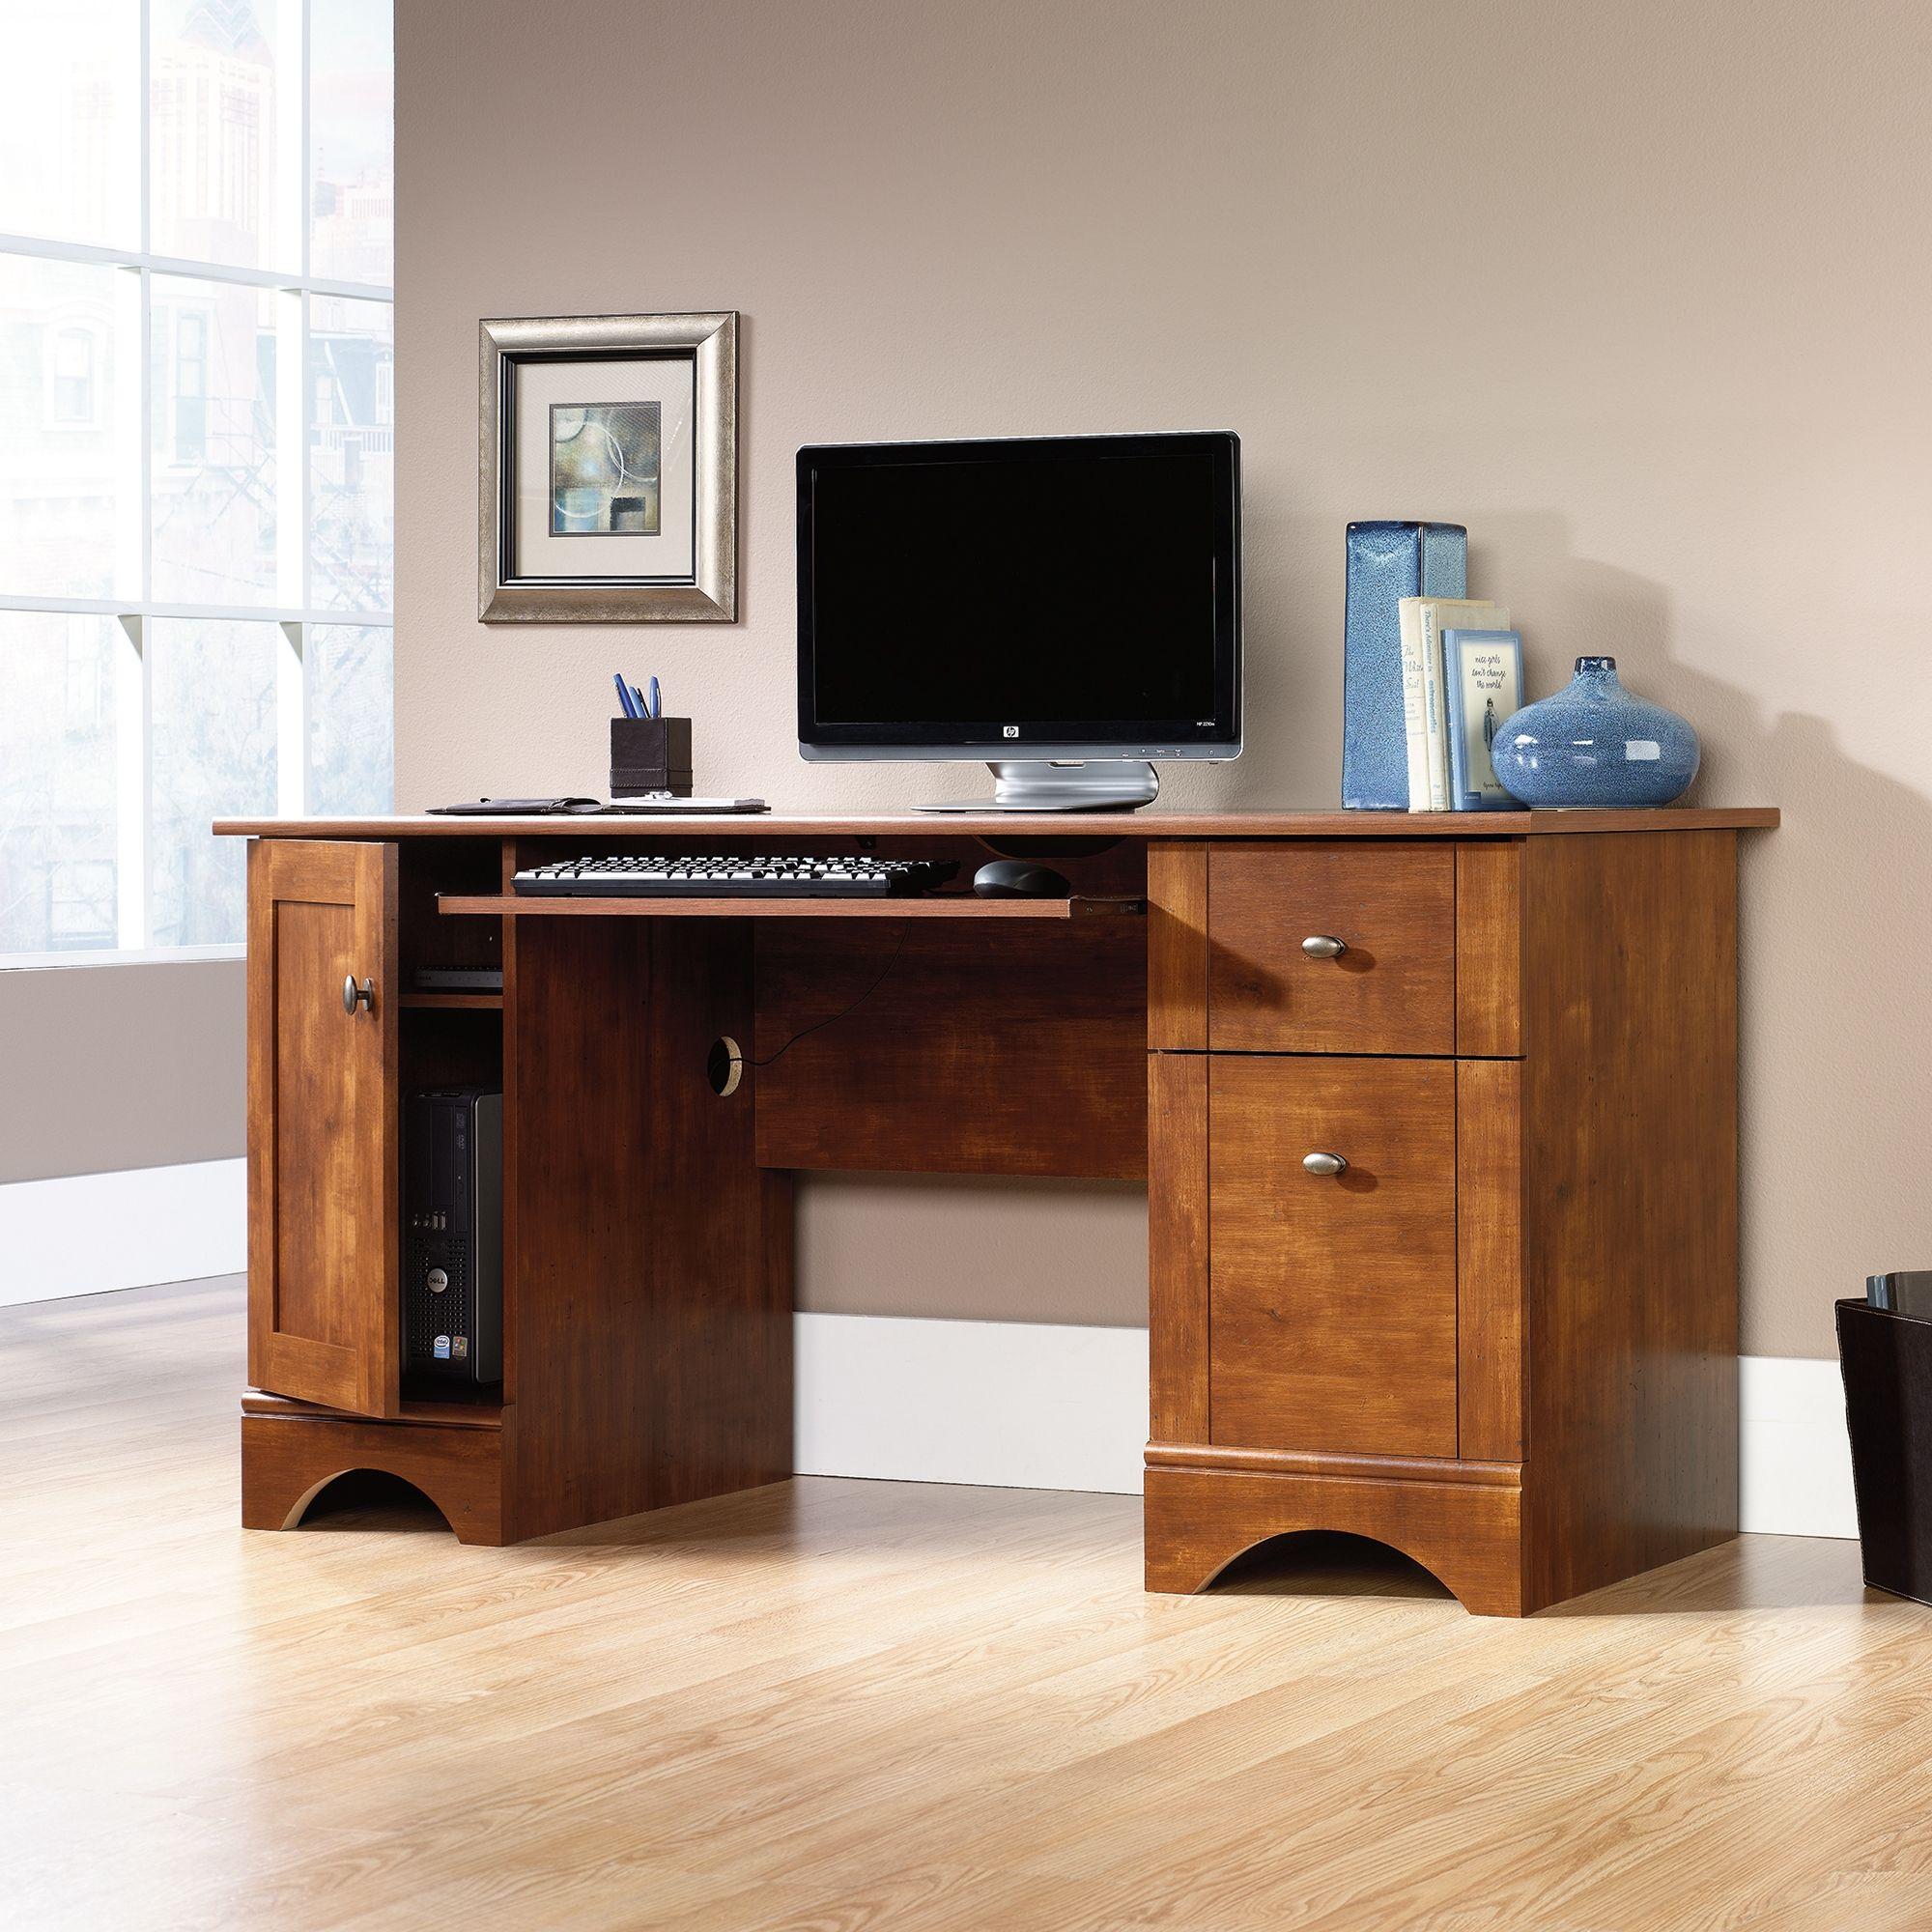 Sauder puter Desk With 2 Storage Drawers